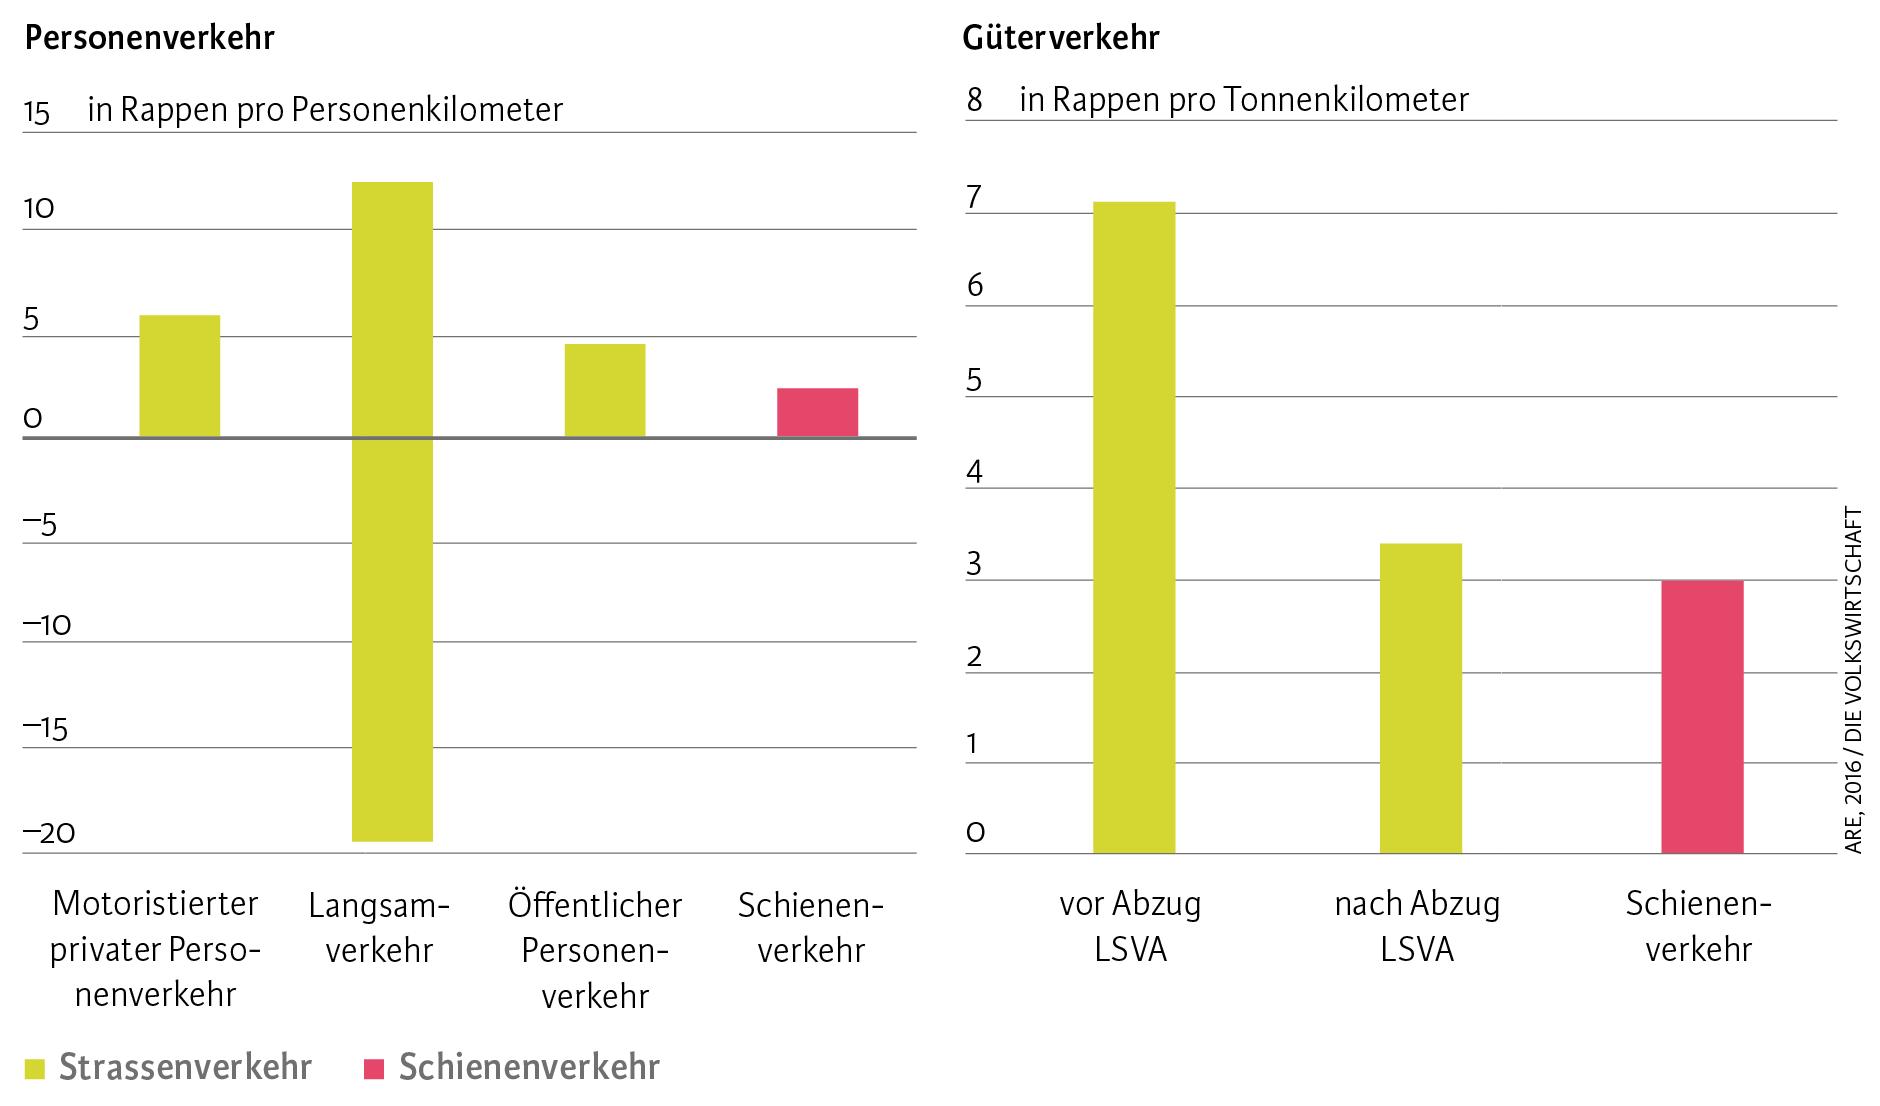 Küchenumbau Kosten Schweiz ~ auch der schienenverkehr verursacht externe kosten die volkswirtschaft